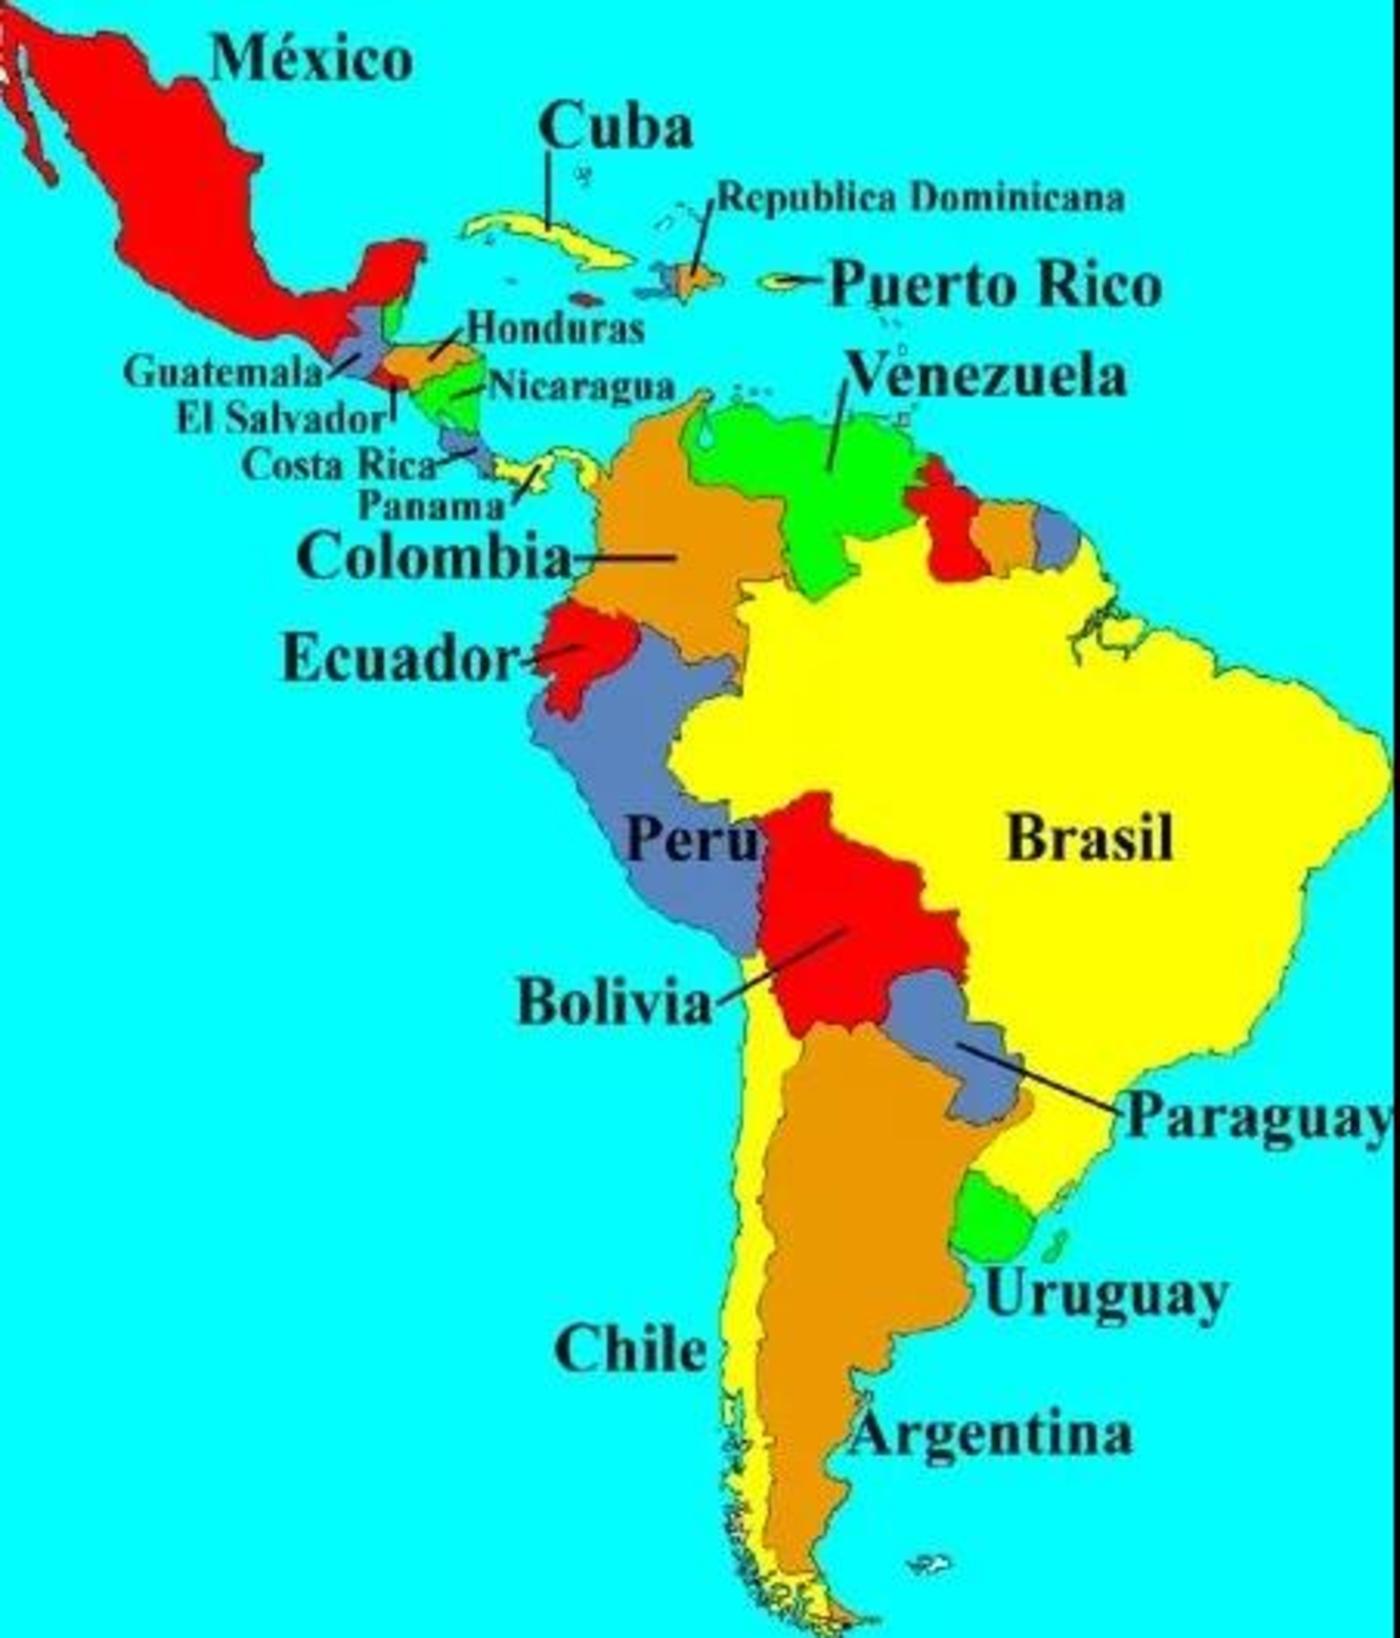 拉丁美洲主要国家